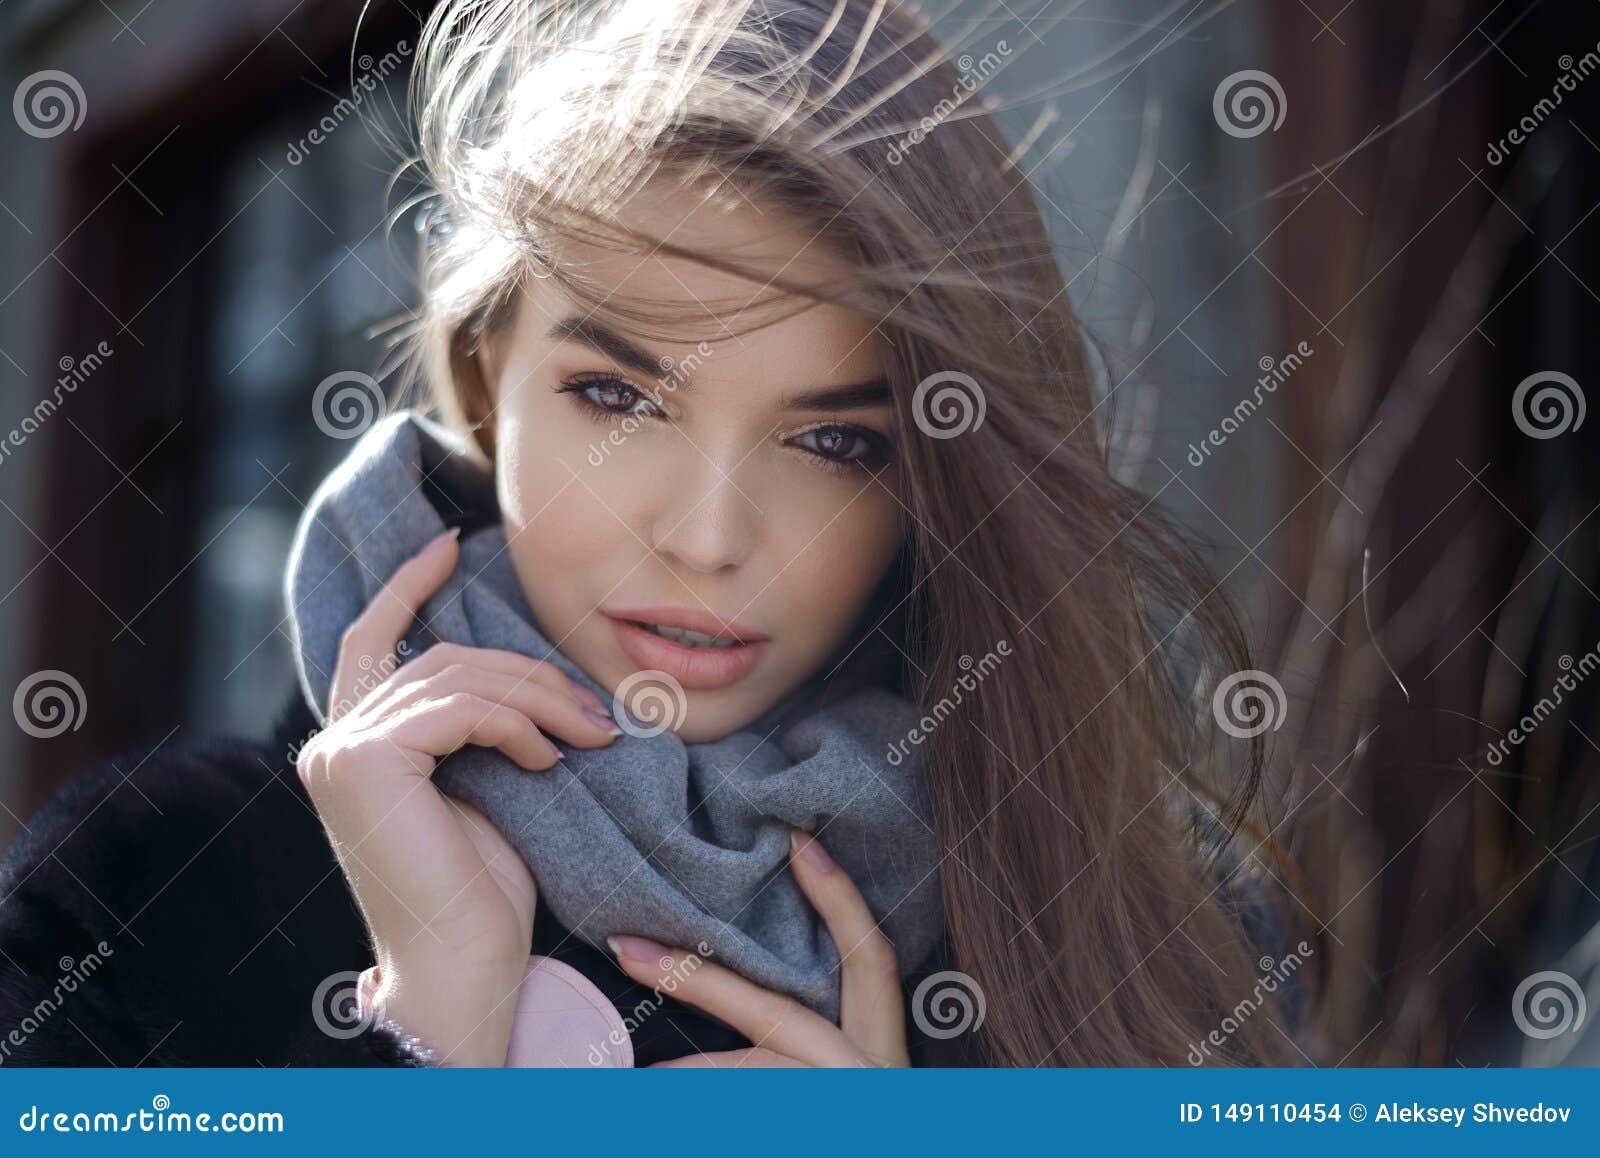 Πορτρέτο μόδας θερινού ηλιόλουστο τρόπου ζωής του νέου μοντέρνου περπατήματος γυναικών στην οδό, που φορά τη χαριτωμένη καθιερώνο